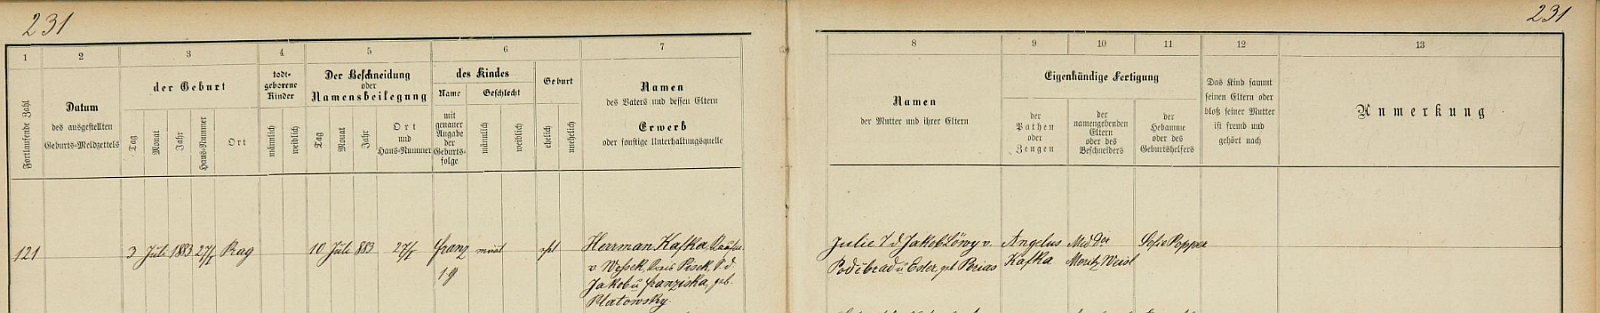 Podle tohoto záznamu pražské židovské matriky se tu narodil dne 3. července roku 1883 v domě čp. 27/I. a týden nato dostal po obřízce jméno Franz - novorozencův otec, psaný tu Herrman Kafka, byl obchodníkem z Oseku (Wossek) vPíseckém kraji (Kreis Pisek) a synem Jakoba Kafky a jeho ženy Franzisky, roz. Platowsky, chlapcova matka Julie byla pak dcerou Jakoba Löwyho z Poděbrad a jeho ženy Ester, roz. Poriasové - kmotrem chlapce se stal Angelus Kafka, obřízku provedl MUDr. Moritz Weisel, porodní bábou byla Sofie Popperová